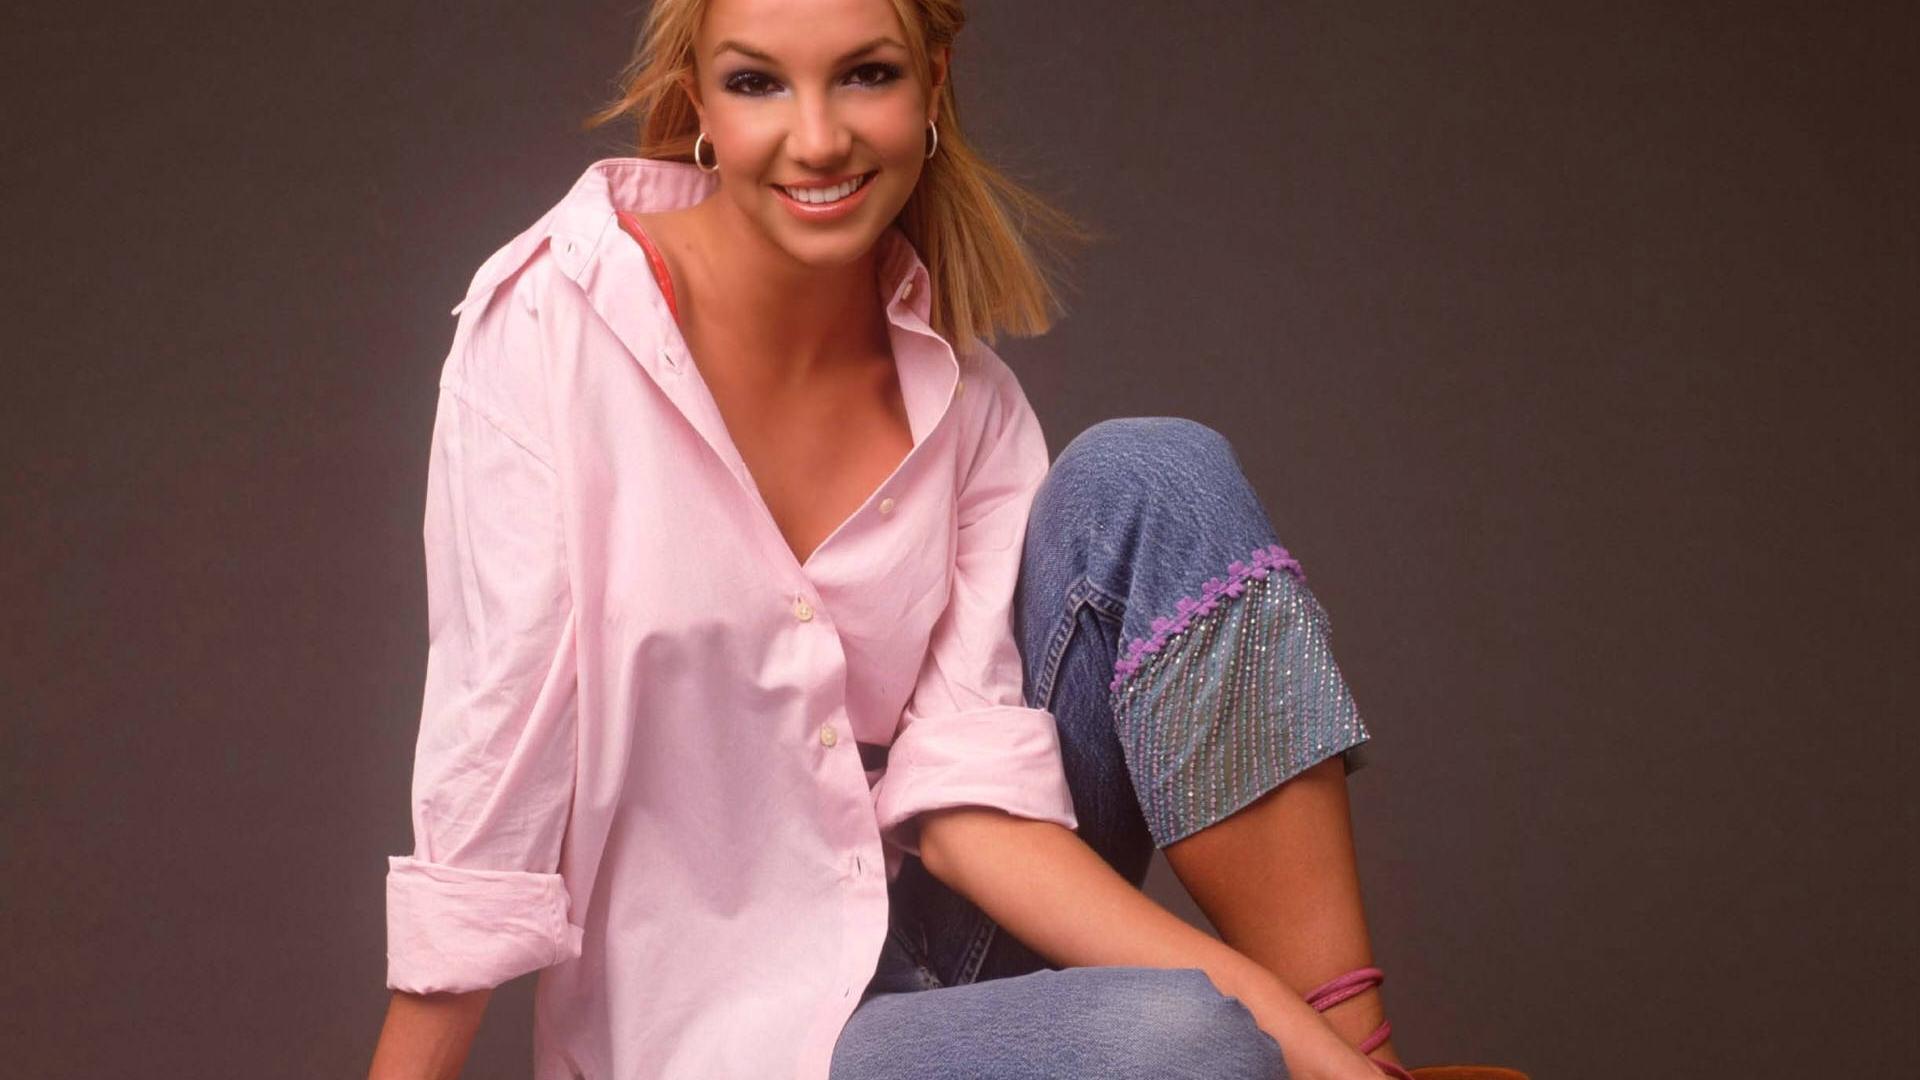 Britney-Spears-Shirt-Wallpaper_0